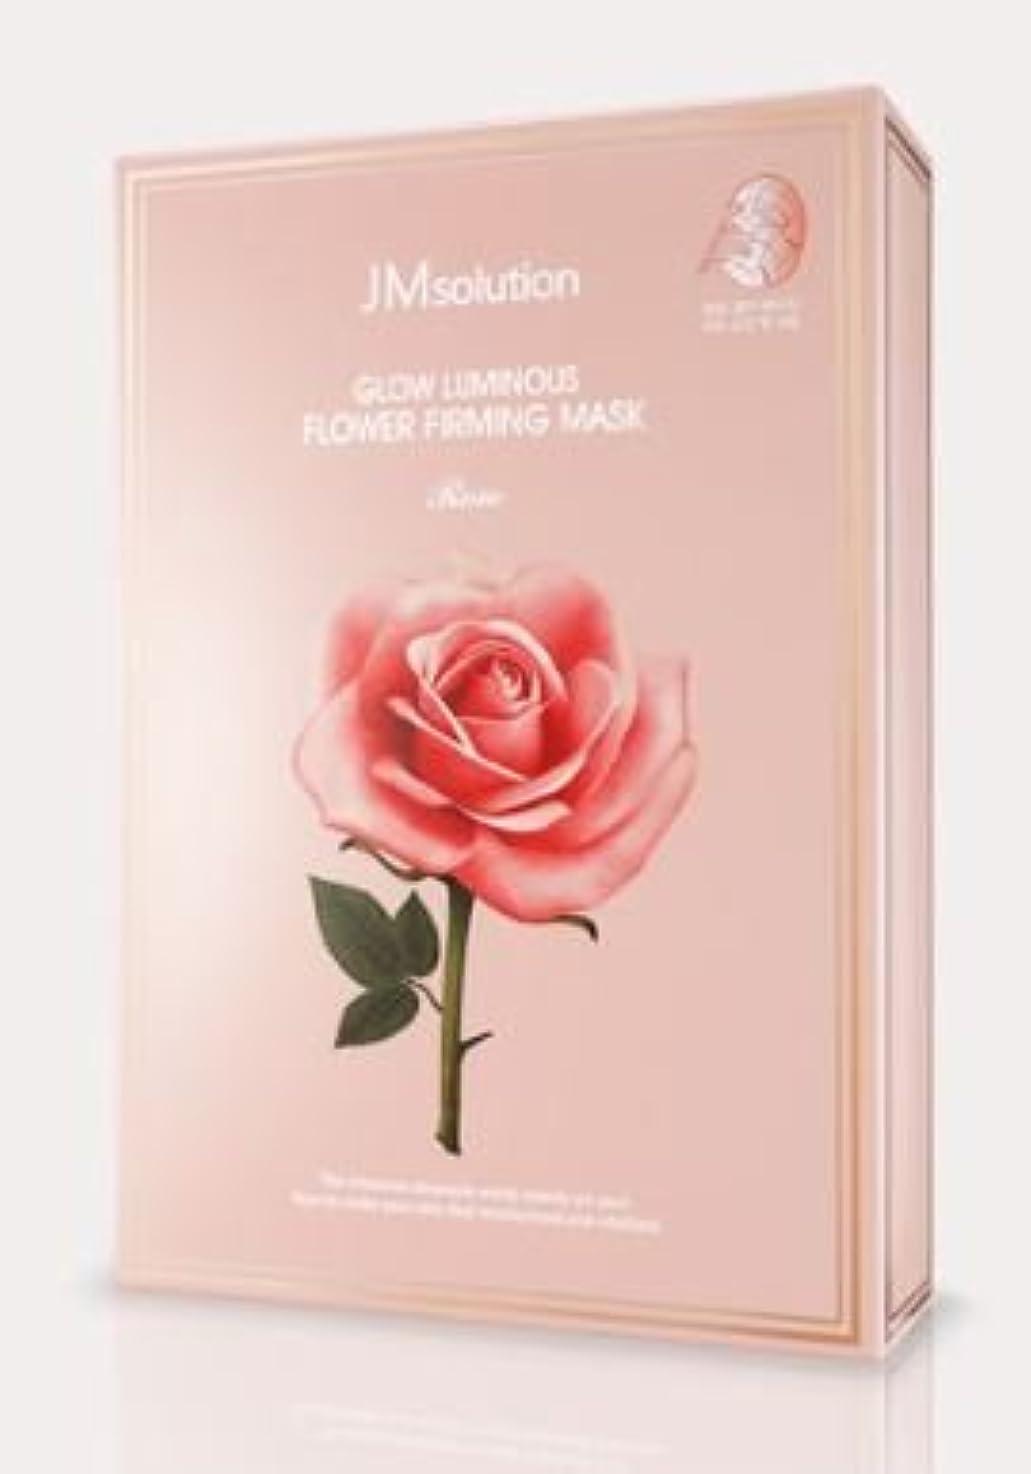 フォーククリープ老朽化した[JM solution] Glow Luminous Flower Firming Mask Rose 30ml*10ea [並行輸入品]